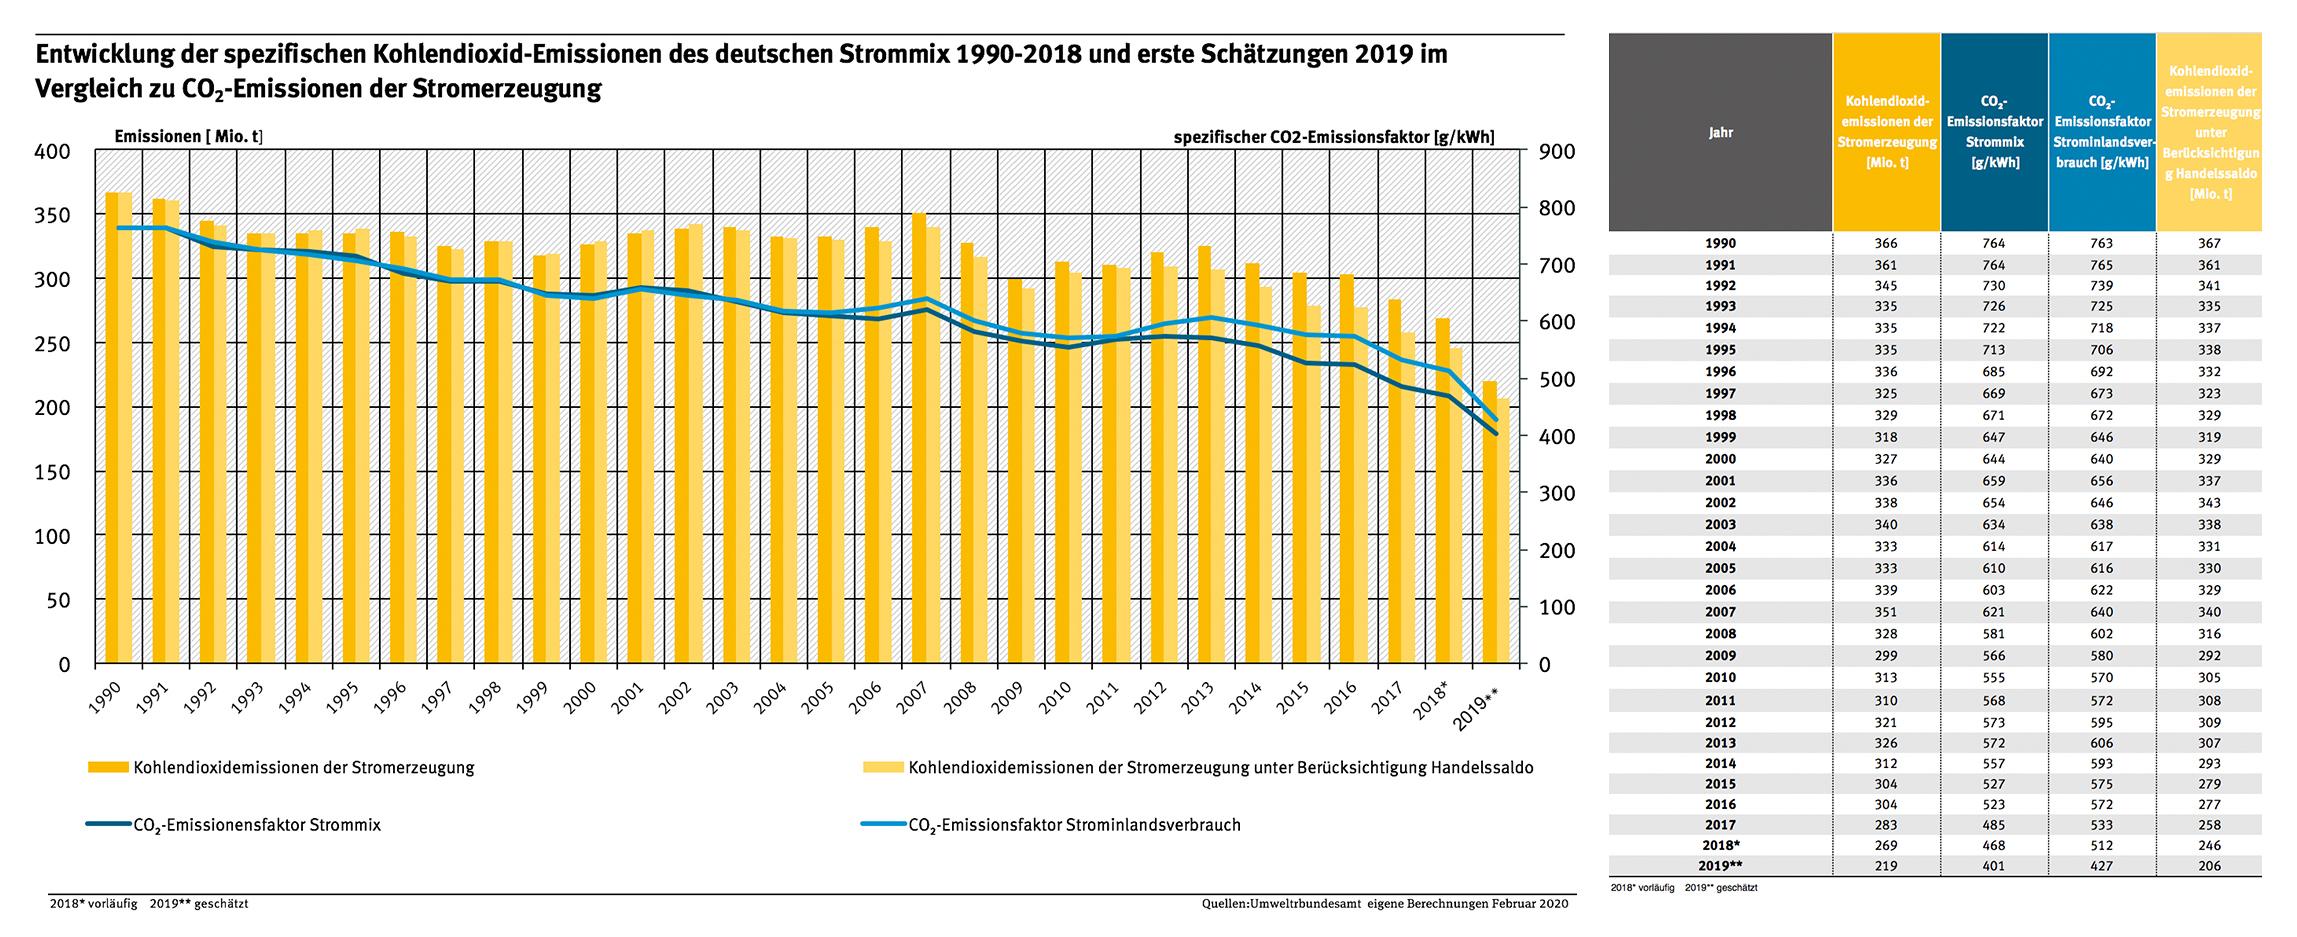 Strom- Und Wärmeversorgung In Zahlen | Umweltbundesamt à Bo Programmes 2012